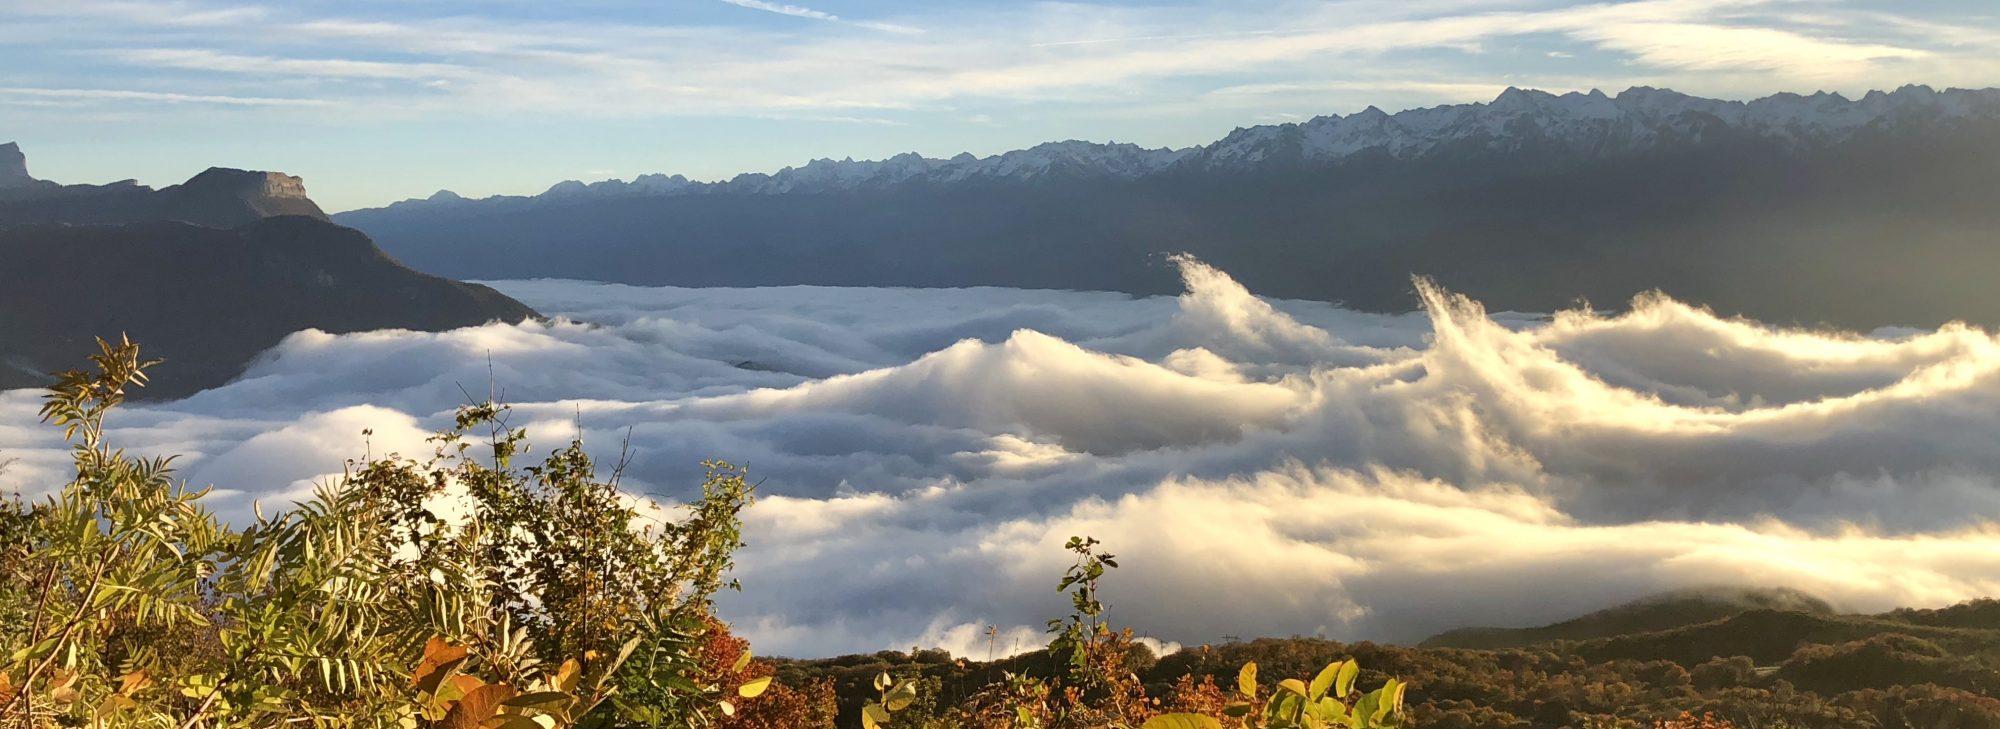 Photos du Vercors, des Alpes et d'ailleurs … au fil des jours et des années.